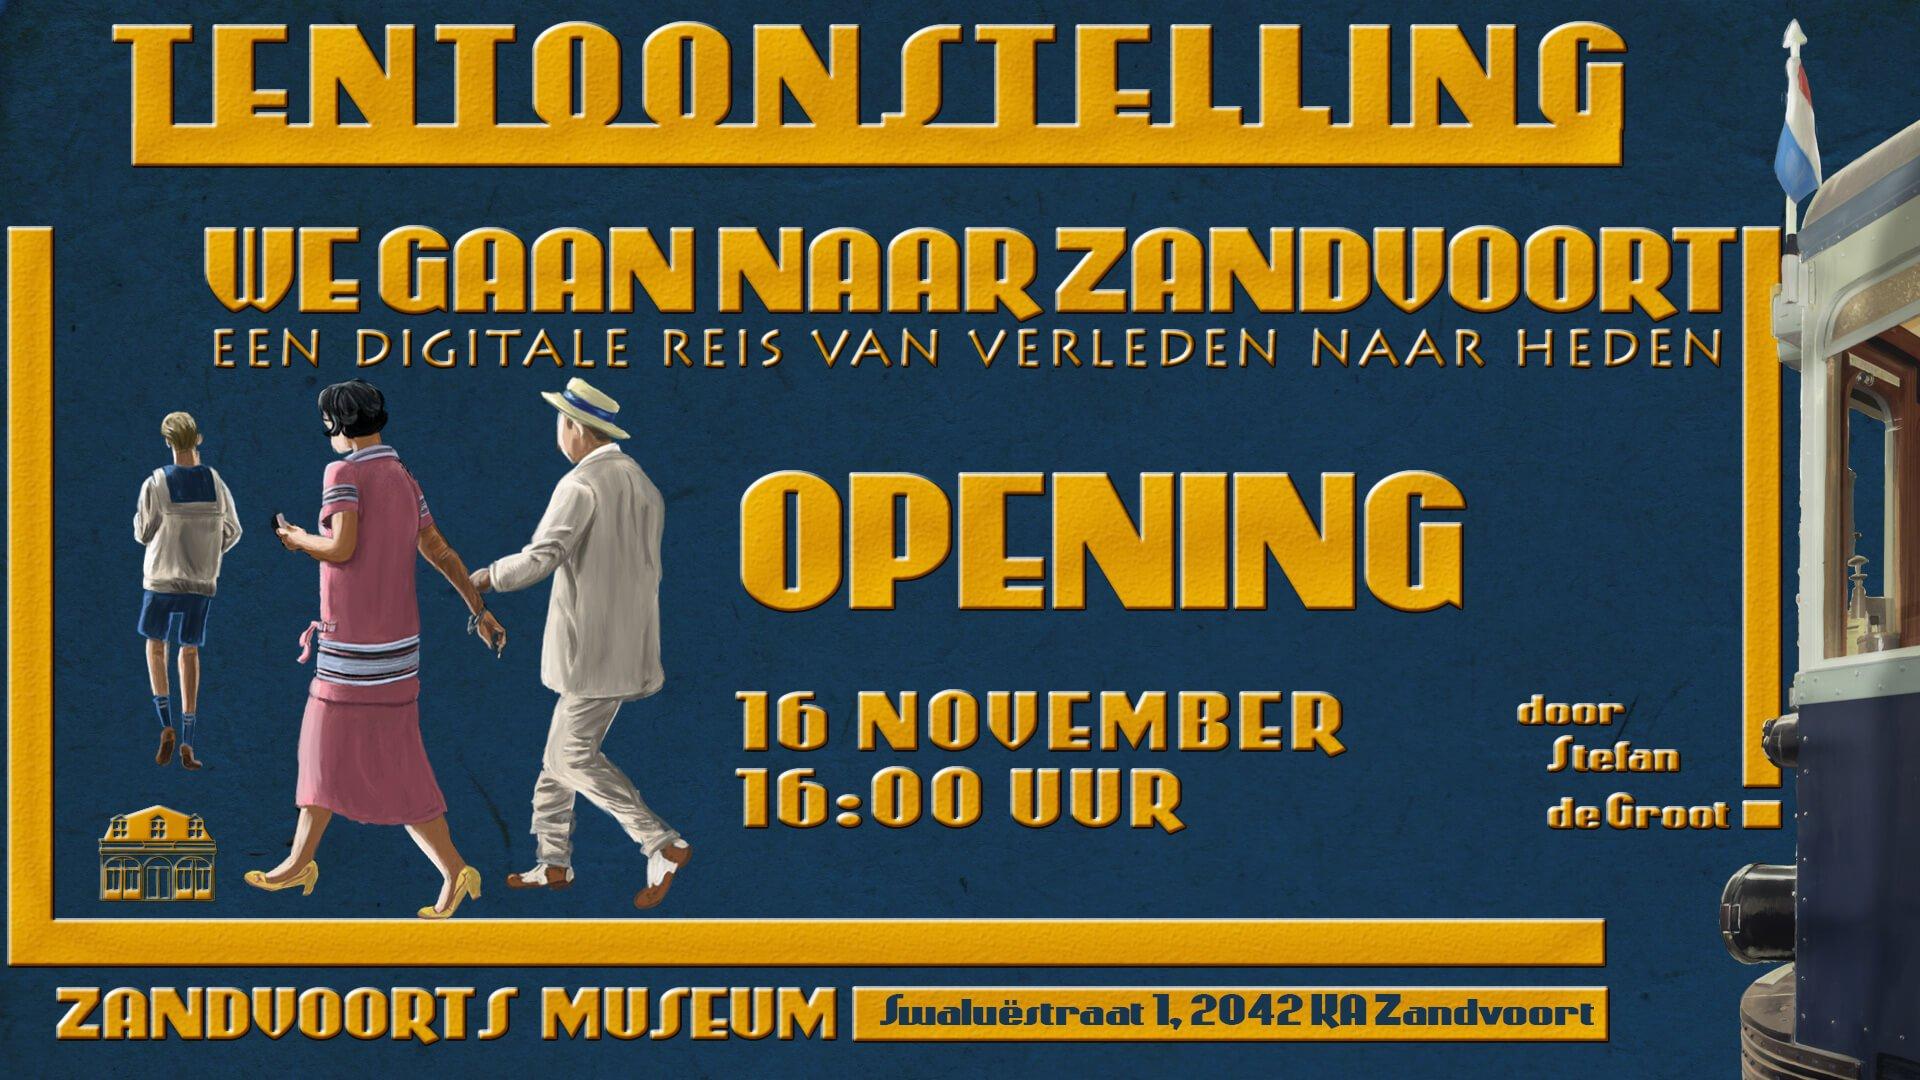 We Gaan Naar Zandvoort tentoonstelling Zandvoorts Museum